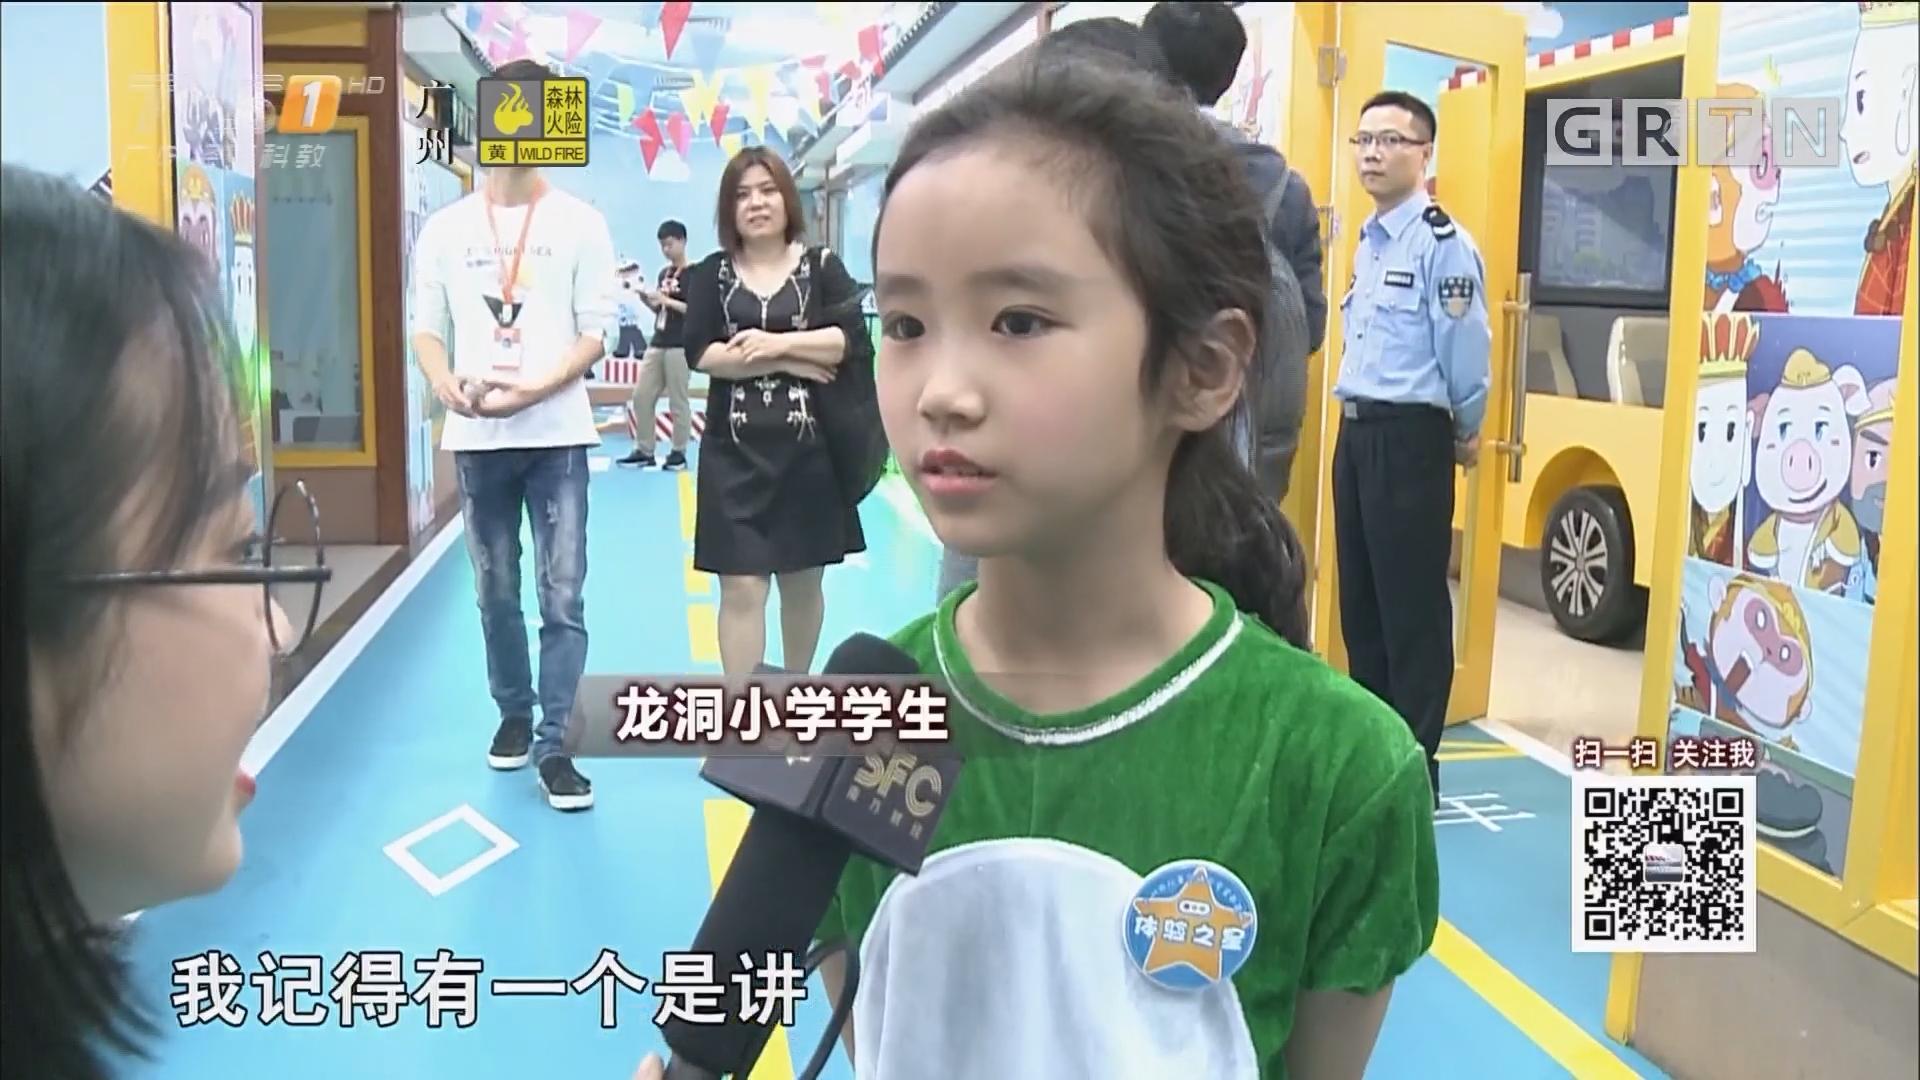 好去处!广州儿童交通安全宣讲基地免费开放